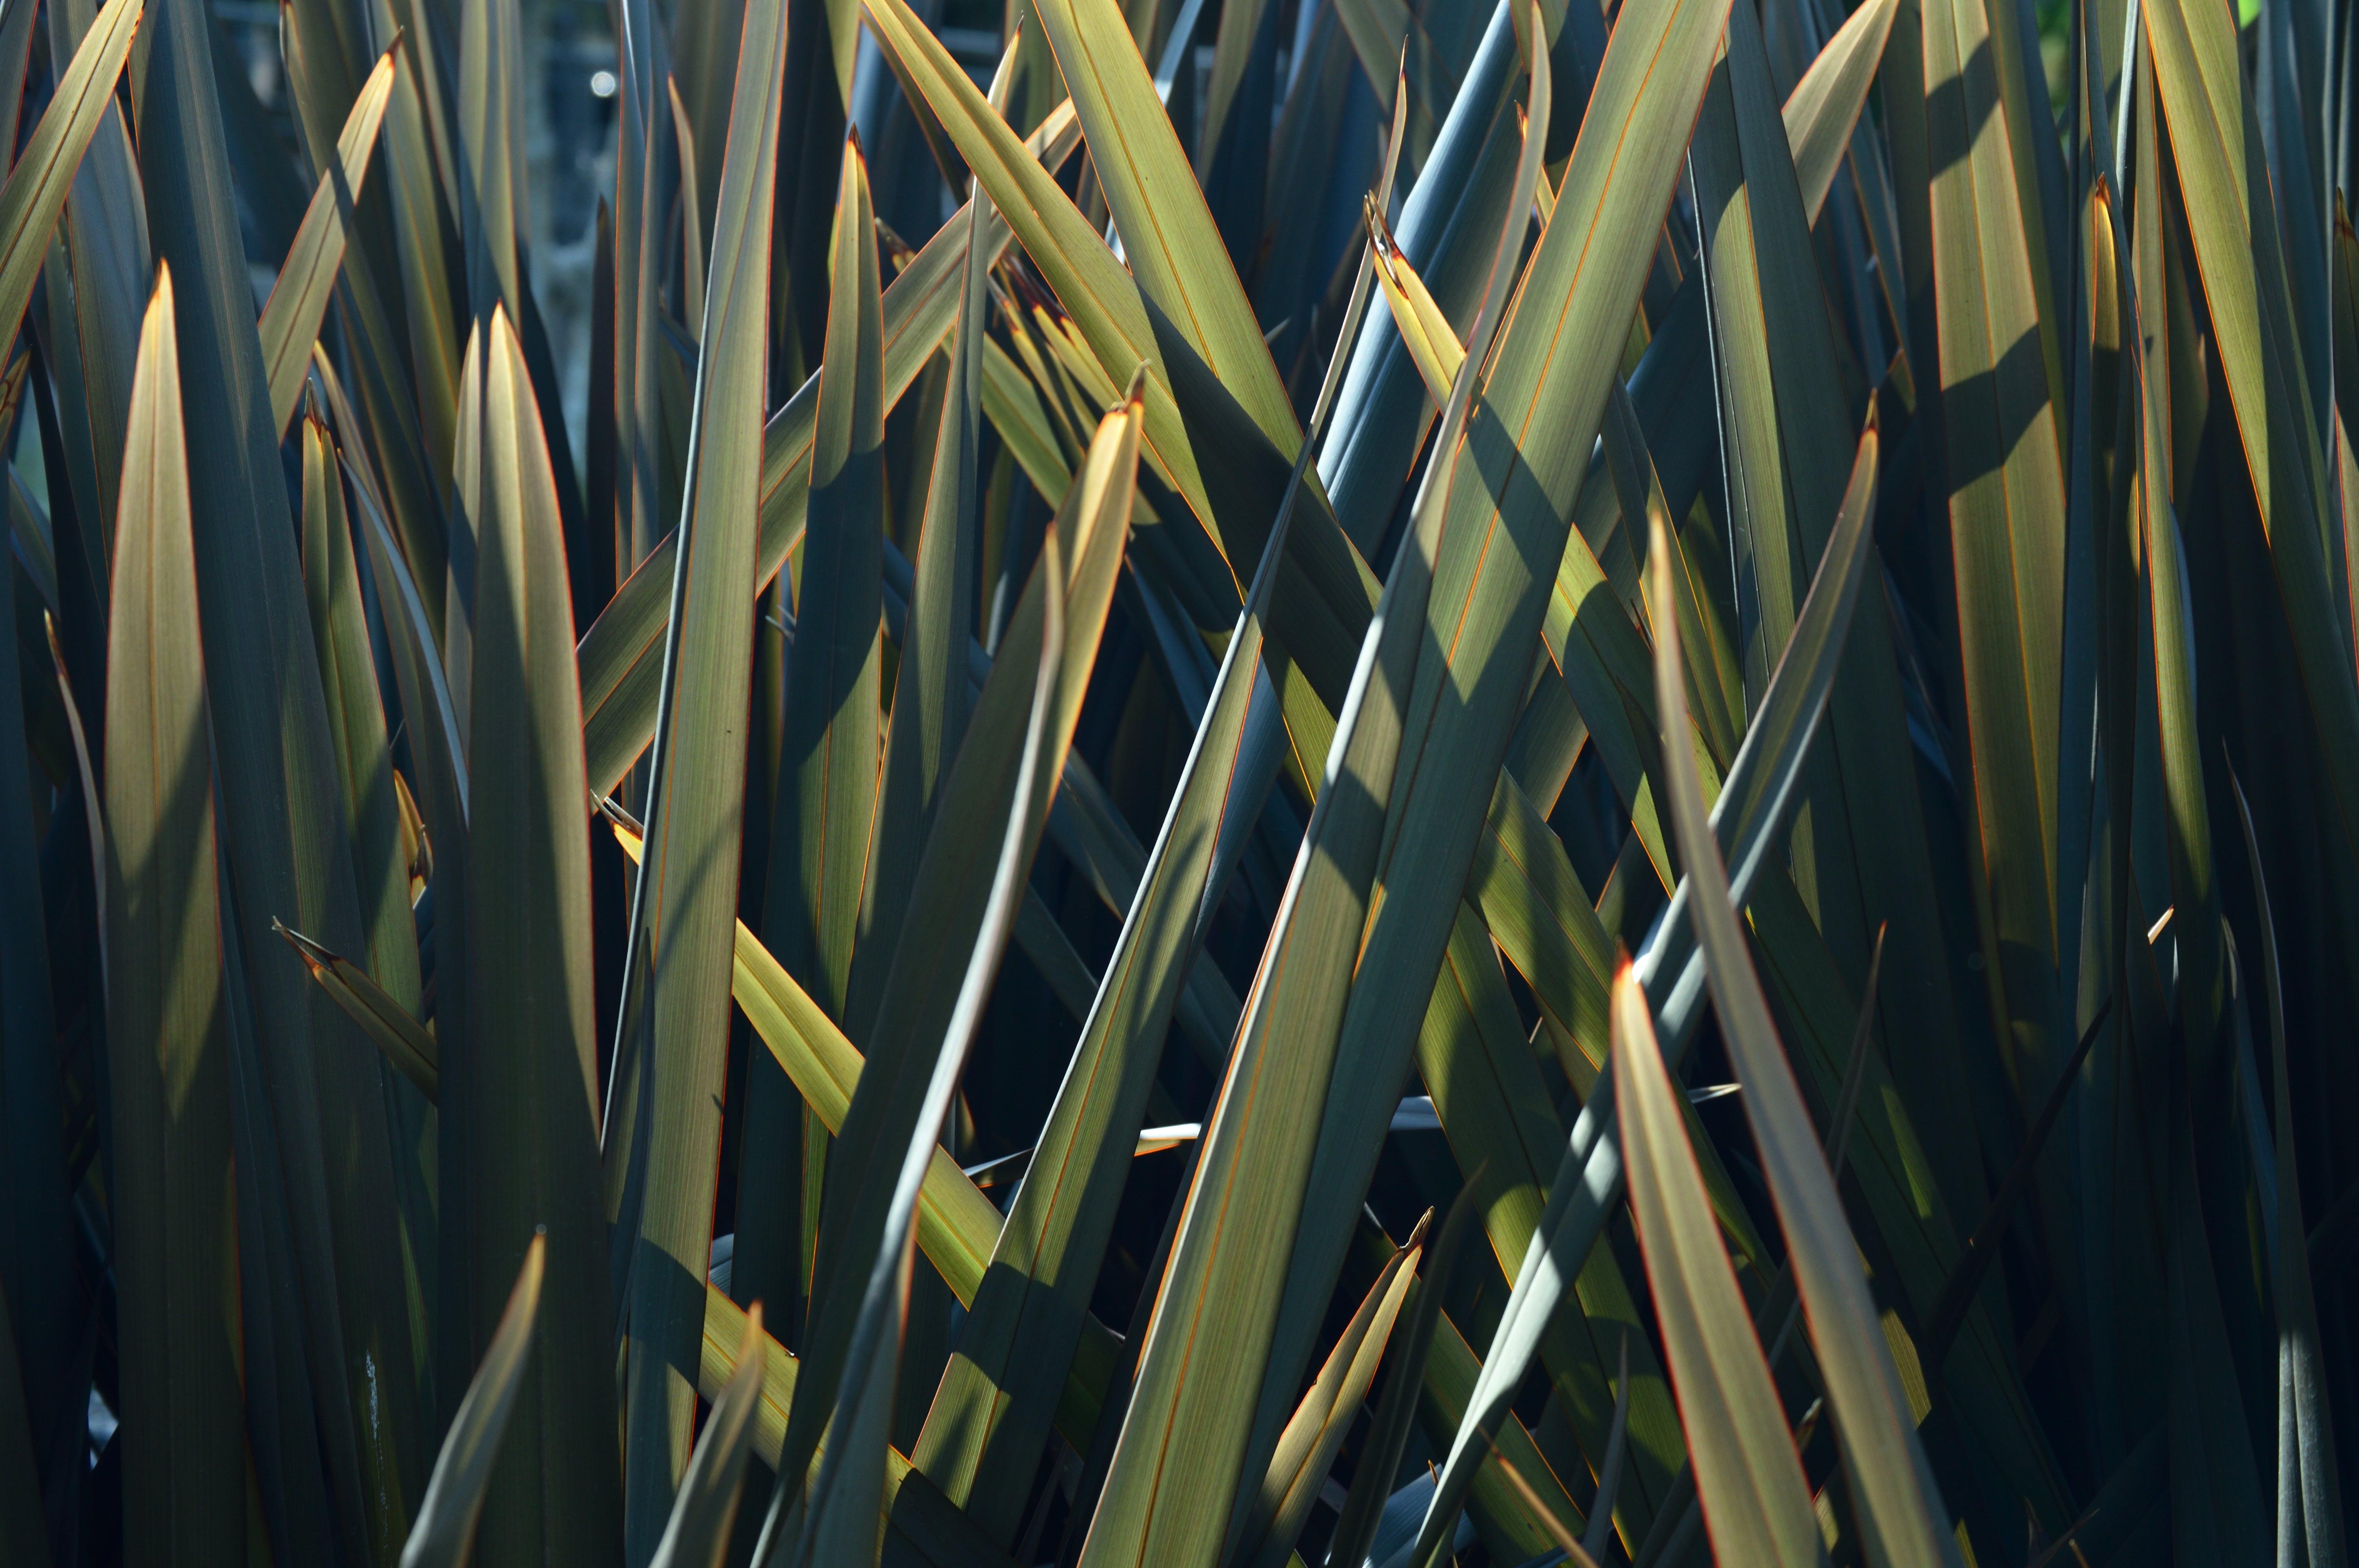 Fotos de stock gratuitas de al aire libre, botánica, brillante, césped